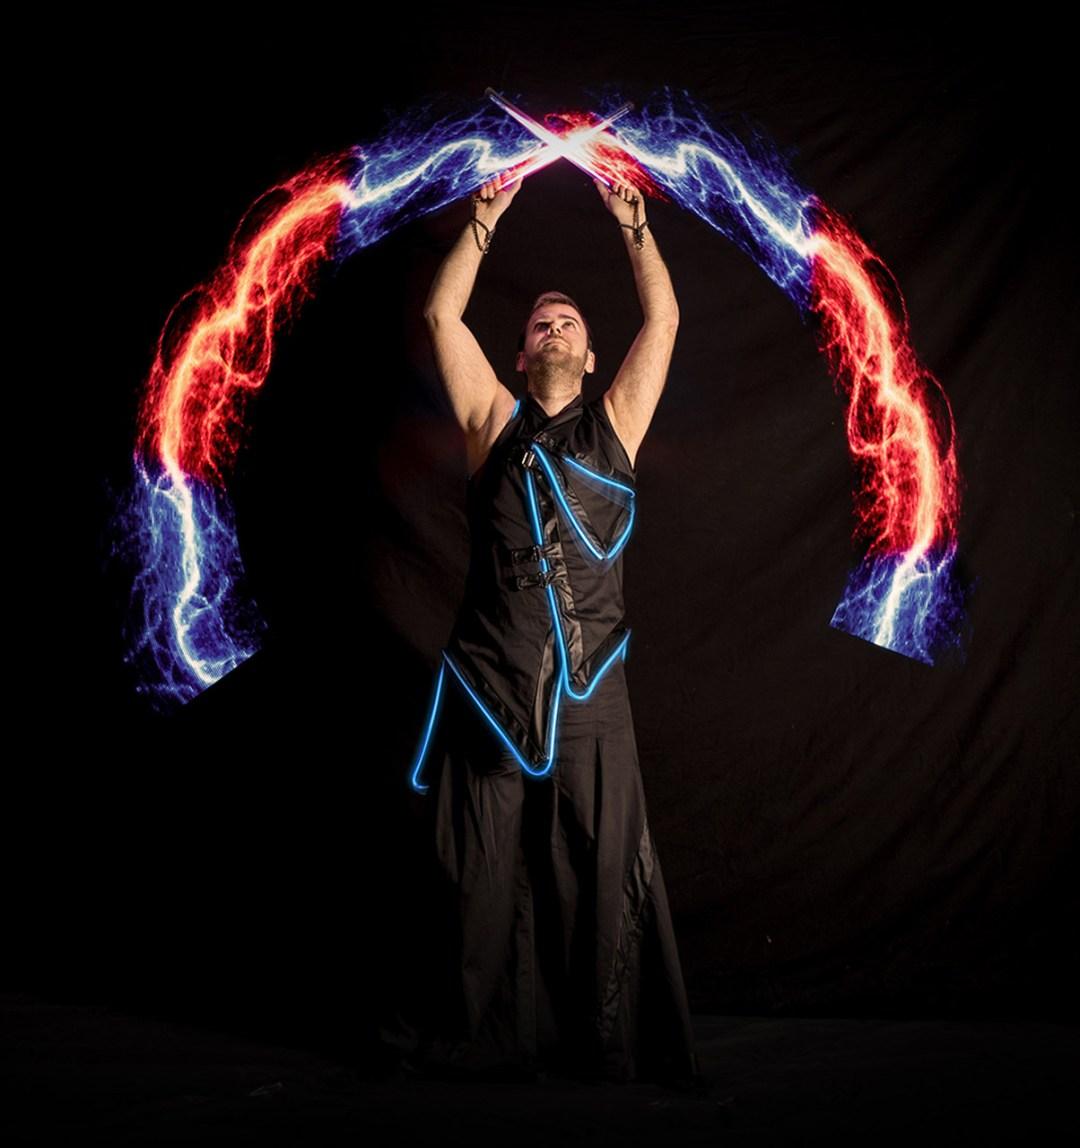 mężczyzna krzyżujący świecące pałki w rękach podczas pokazu światła